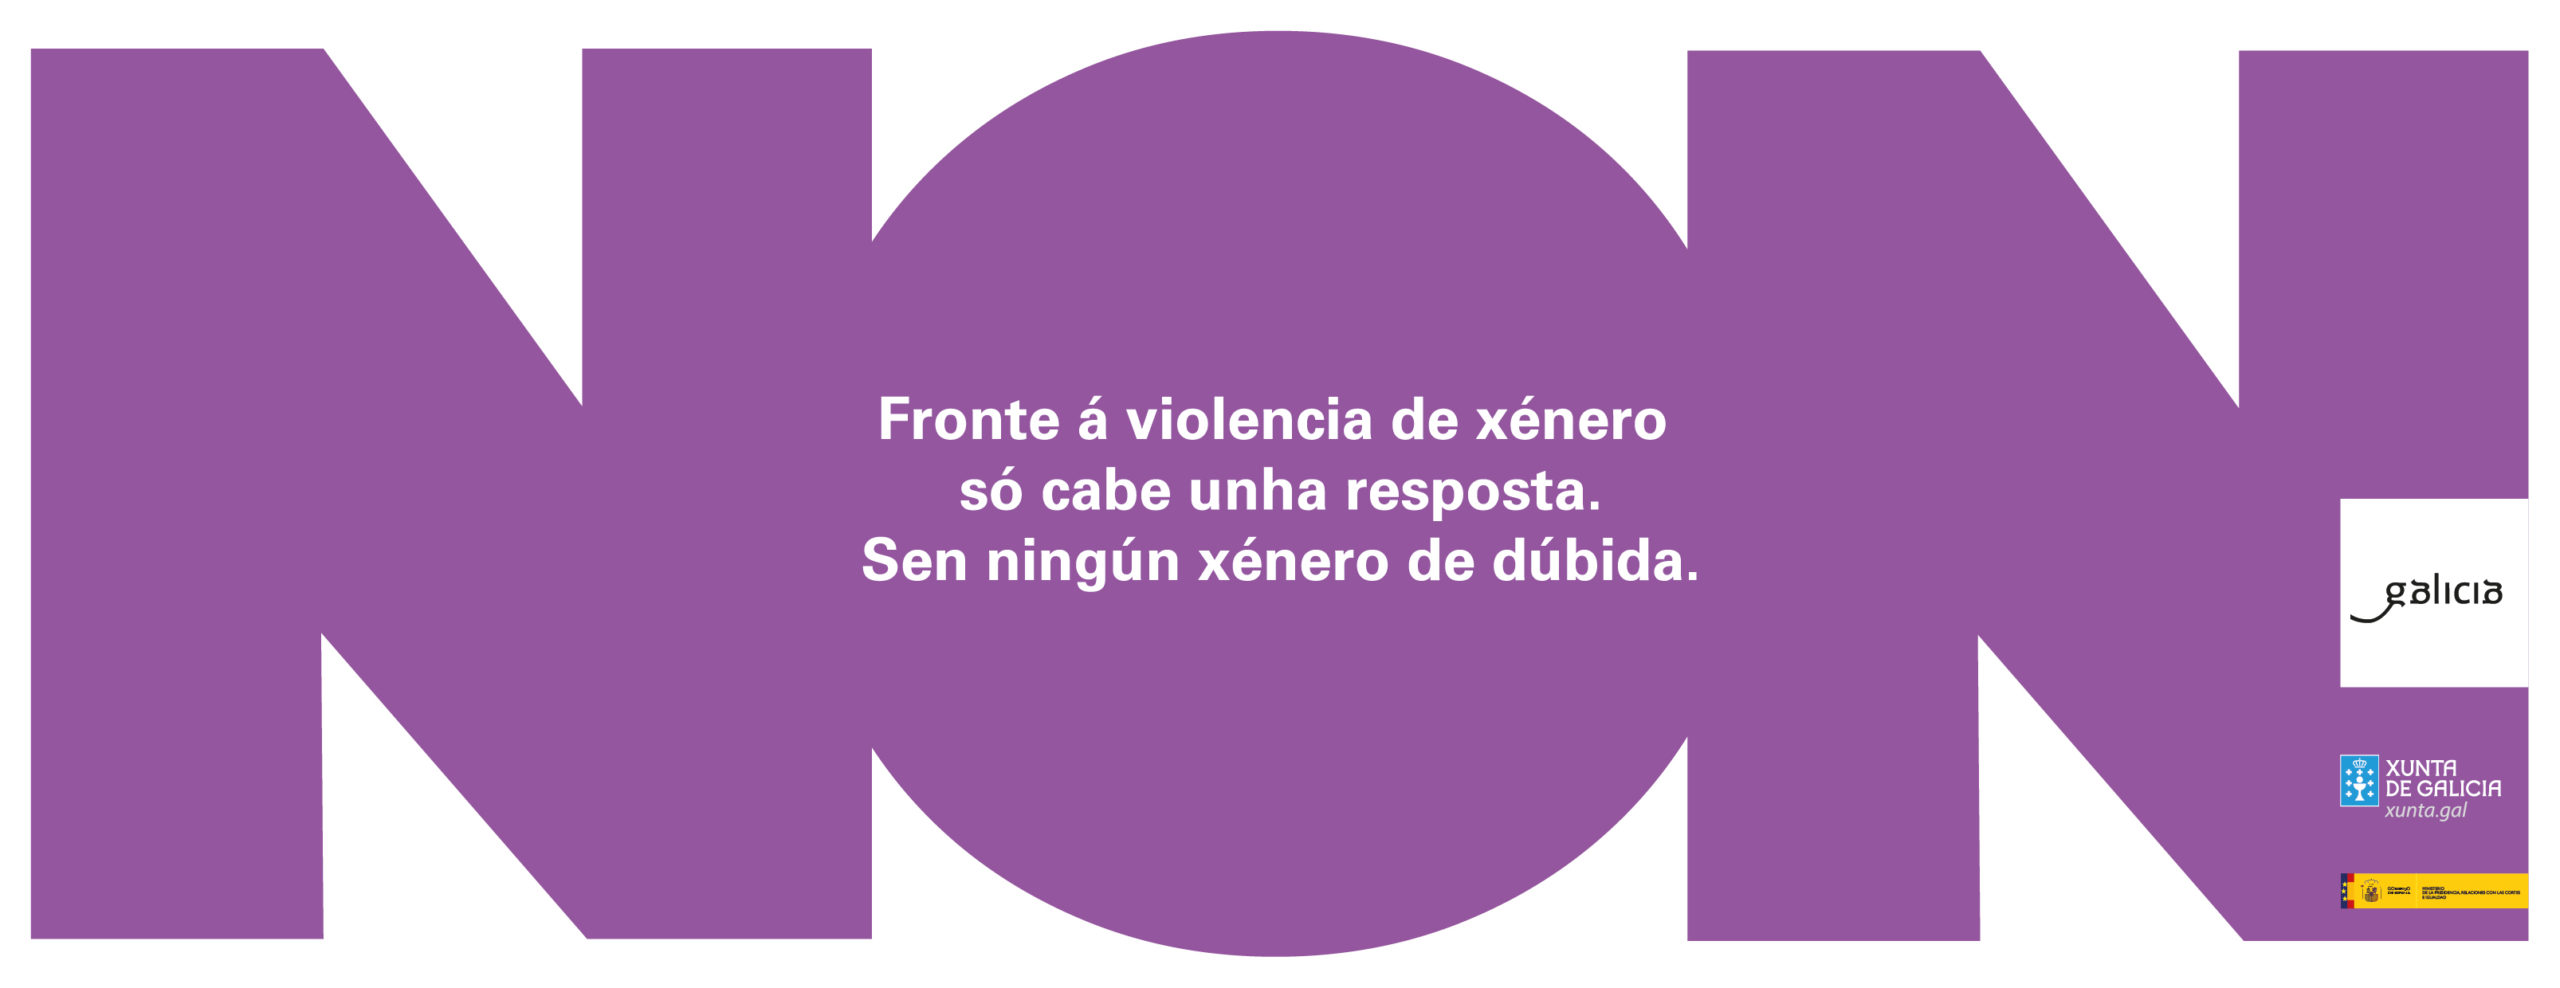 Di NON a violencia de xénero